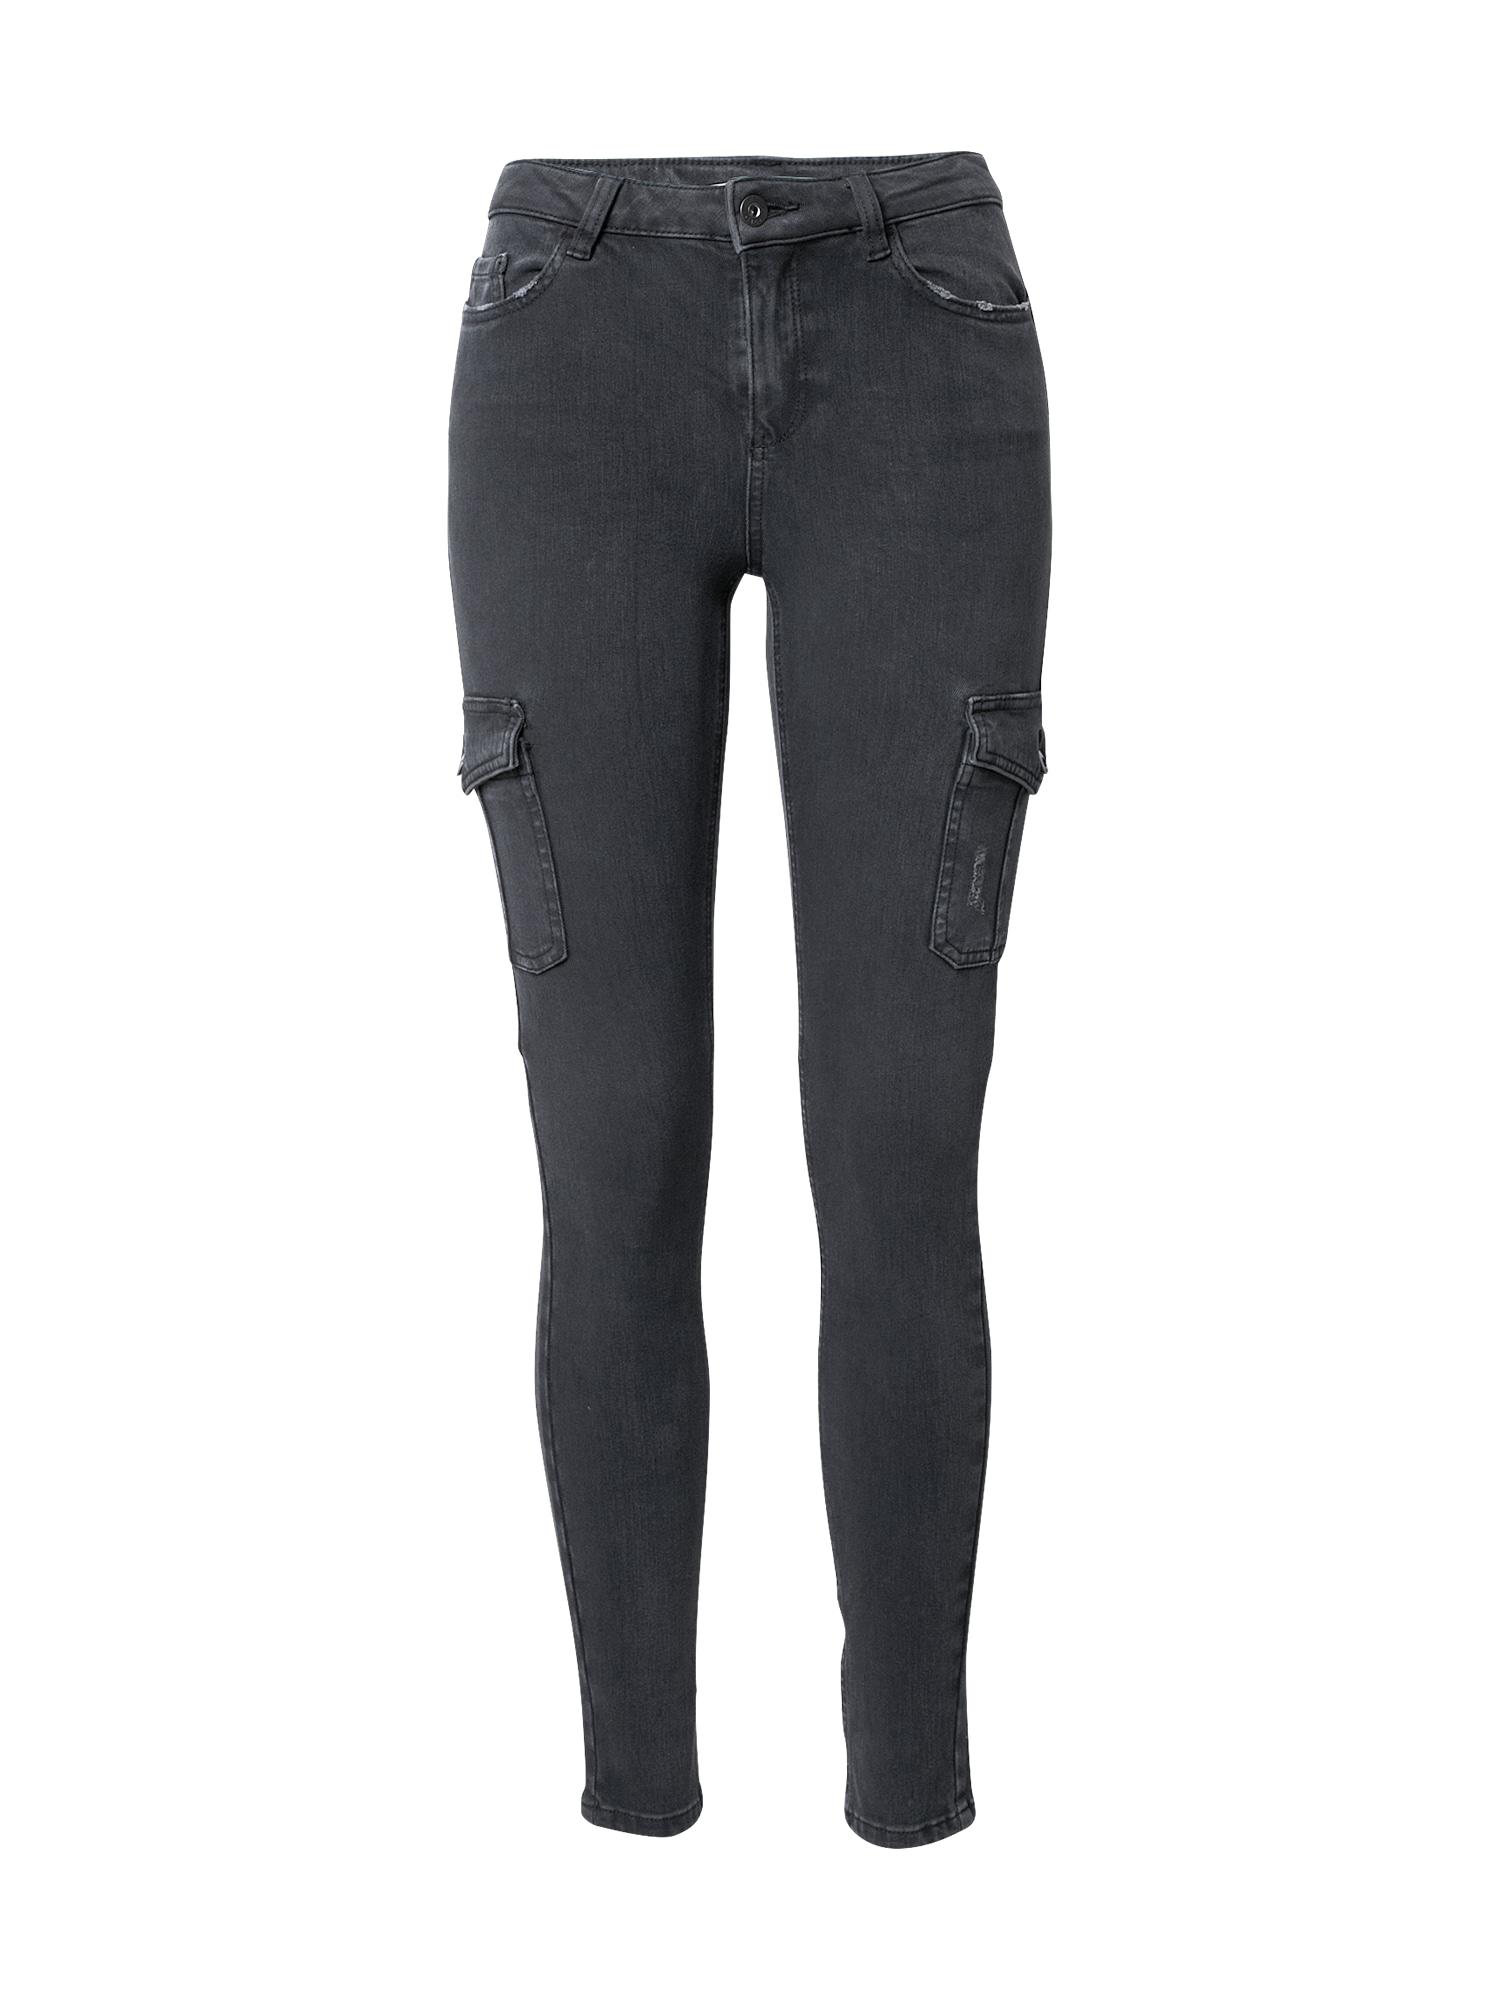 EDC BY ESPRIT Darbinio stiliaus džinsai pilko džinso